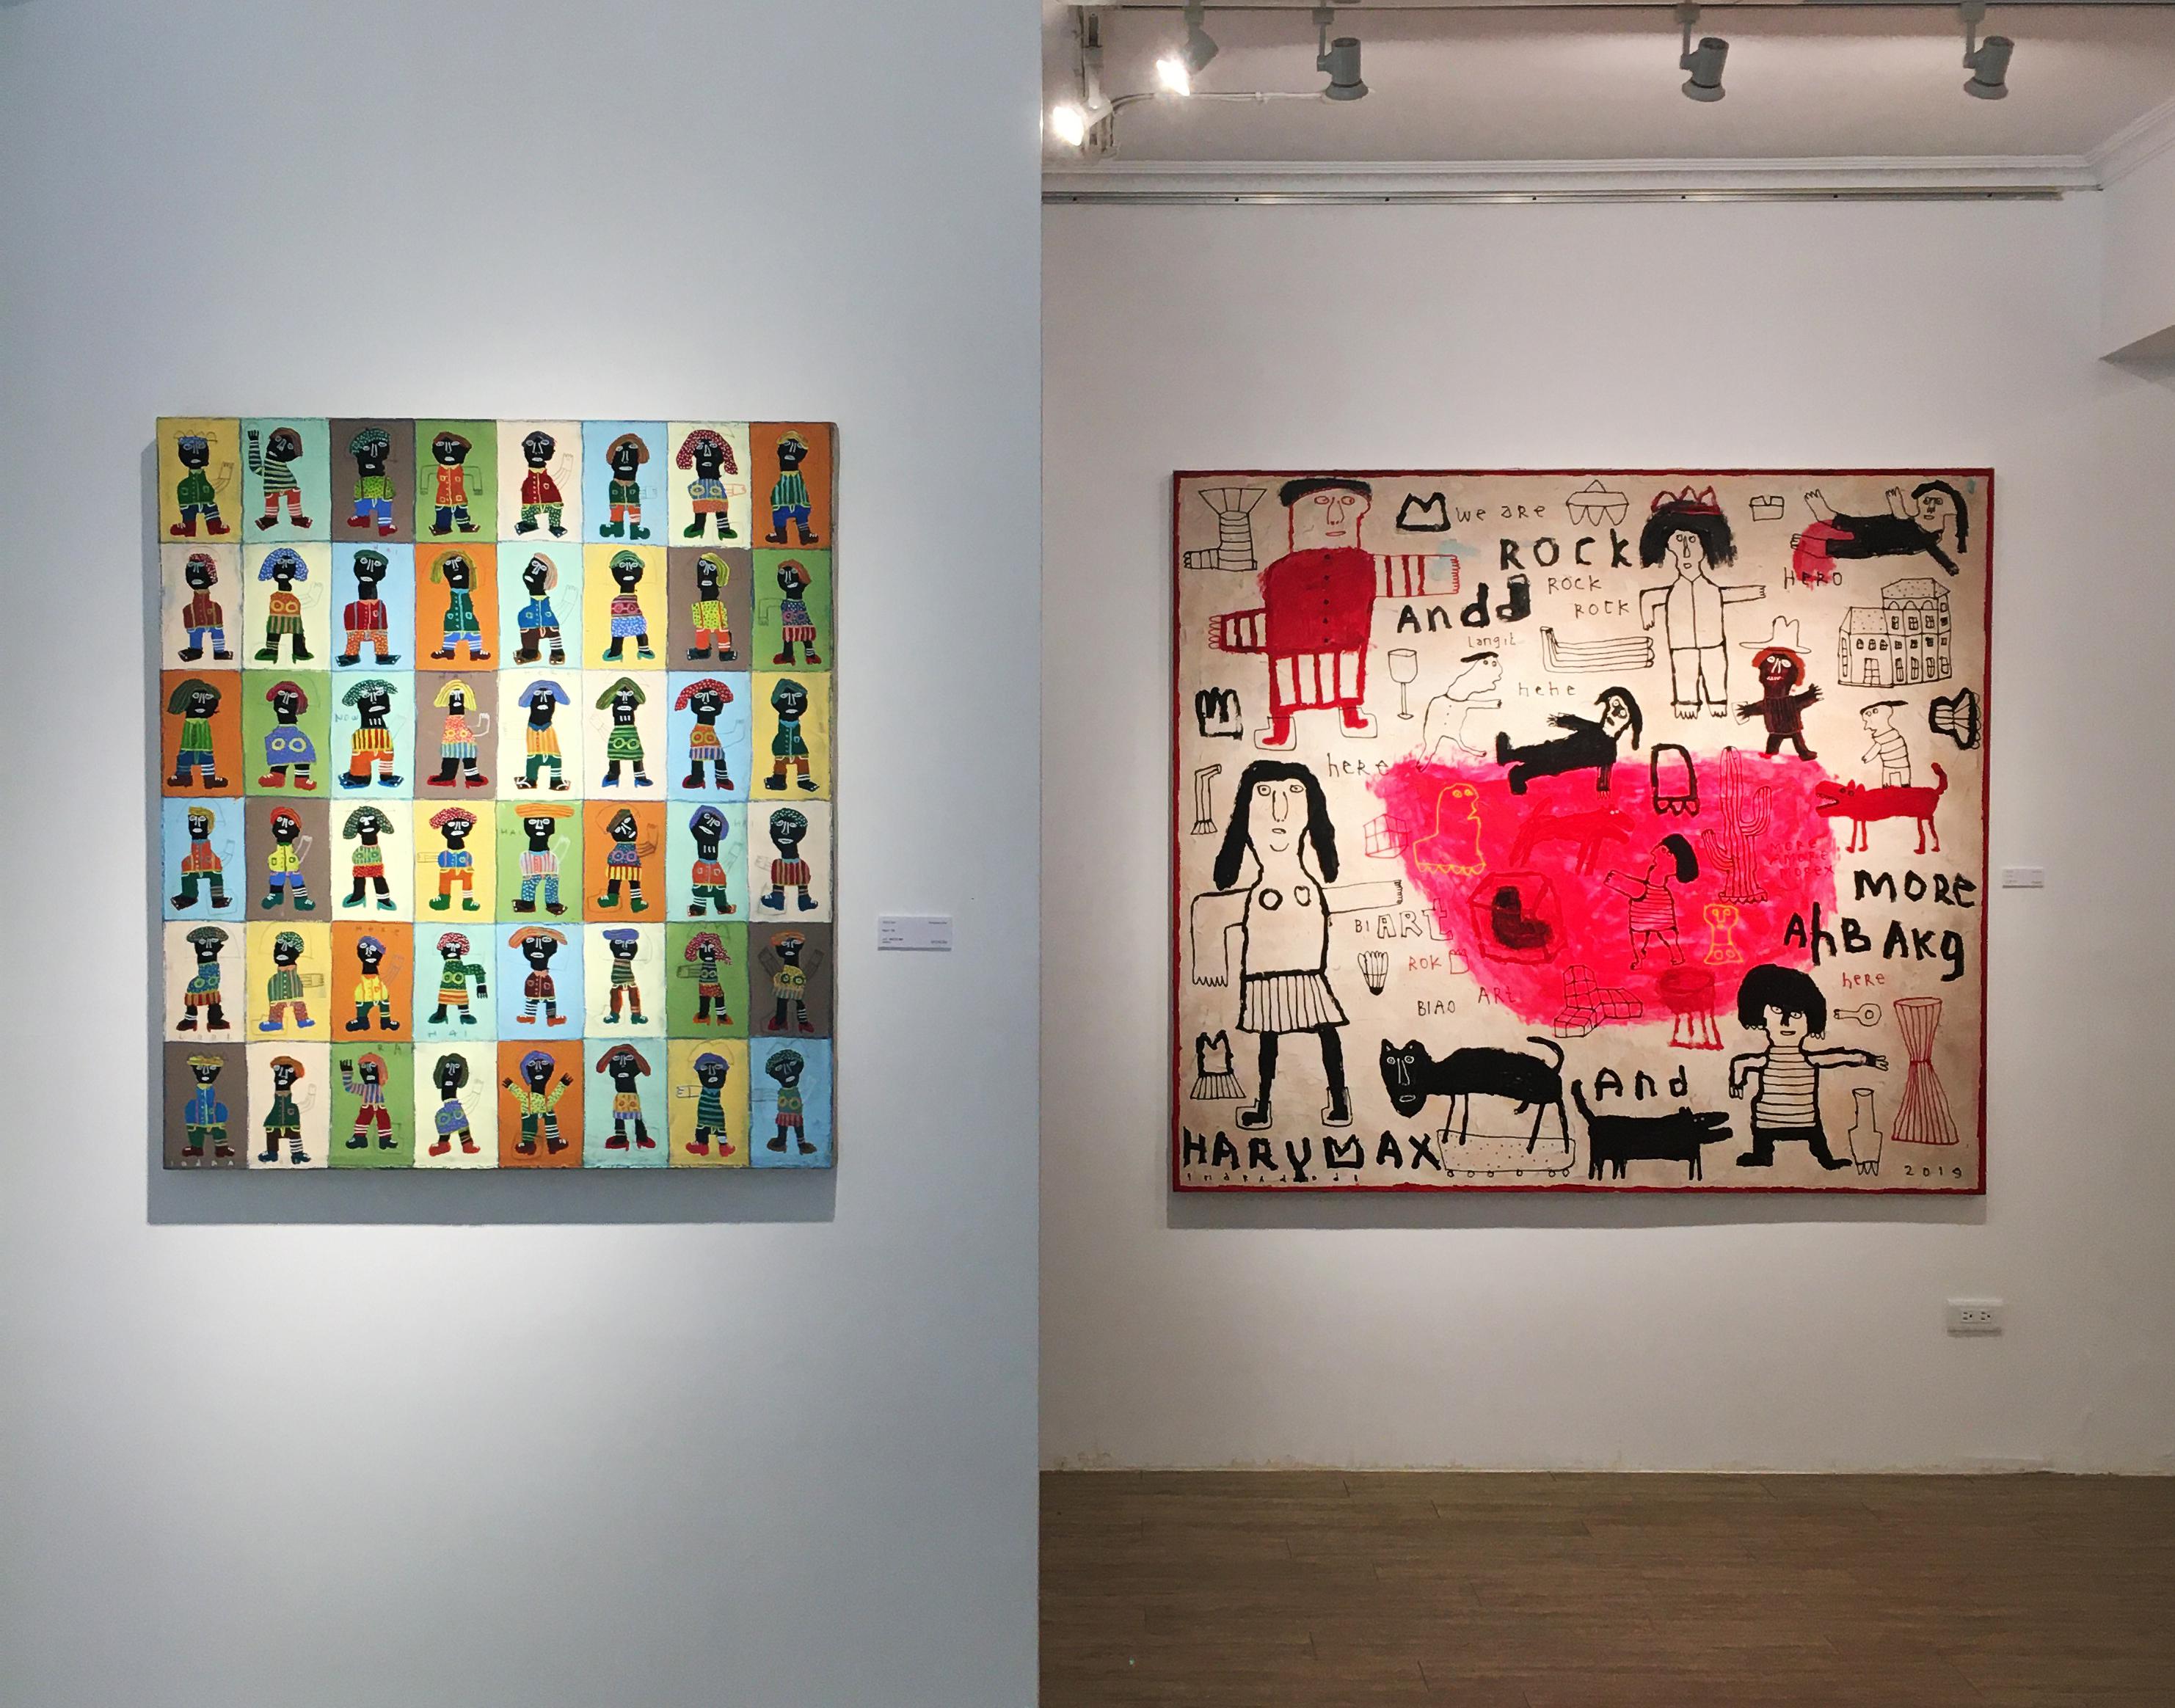 雅逸藝術中心展出張瓊方、印德拉•多迪 雙個展「另一個美好的日子」。